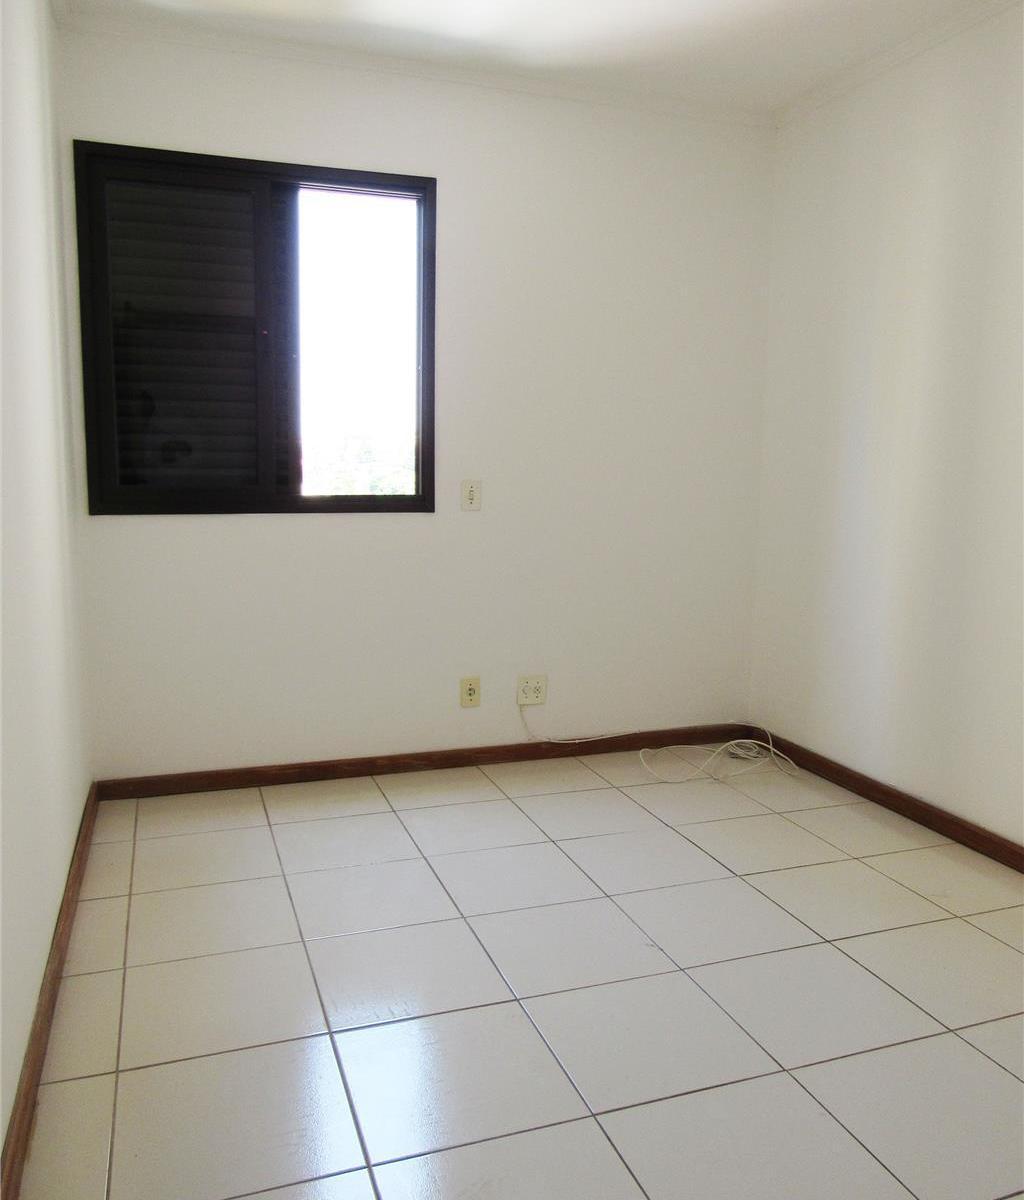 Apartamento para aluguel com 3 Quartos Mansões Santo Antônio  #604835 1024 1200